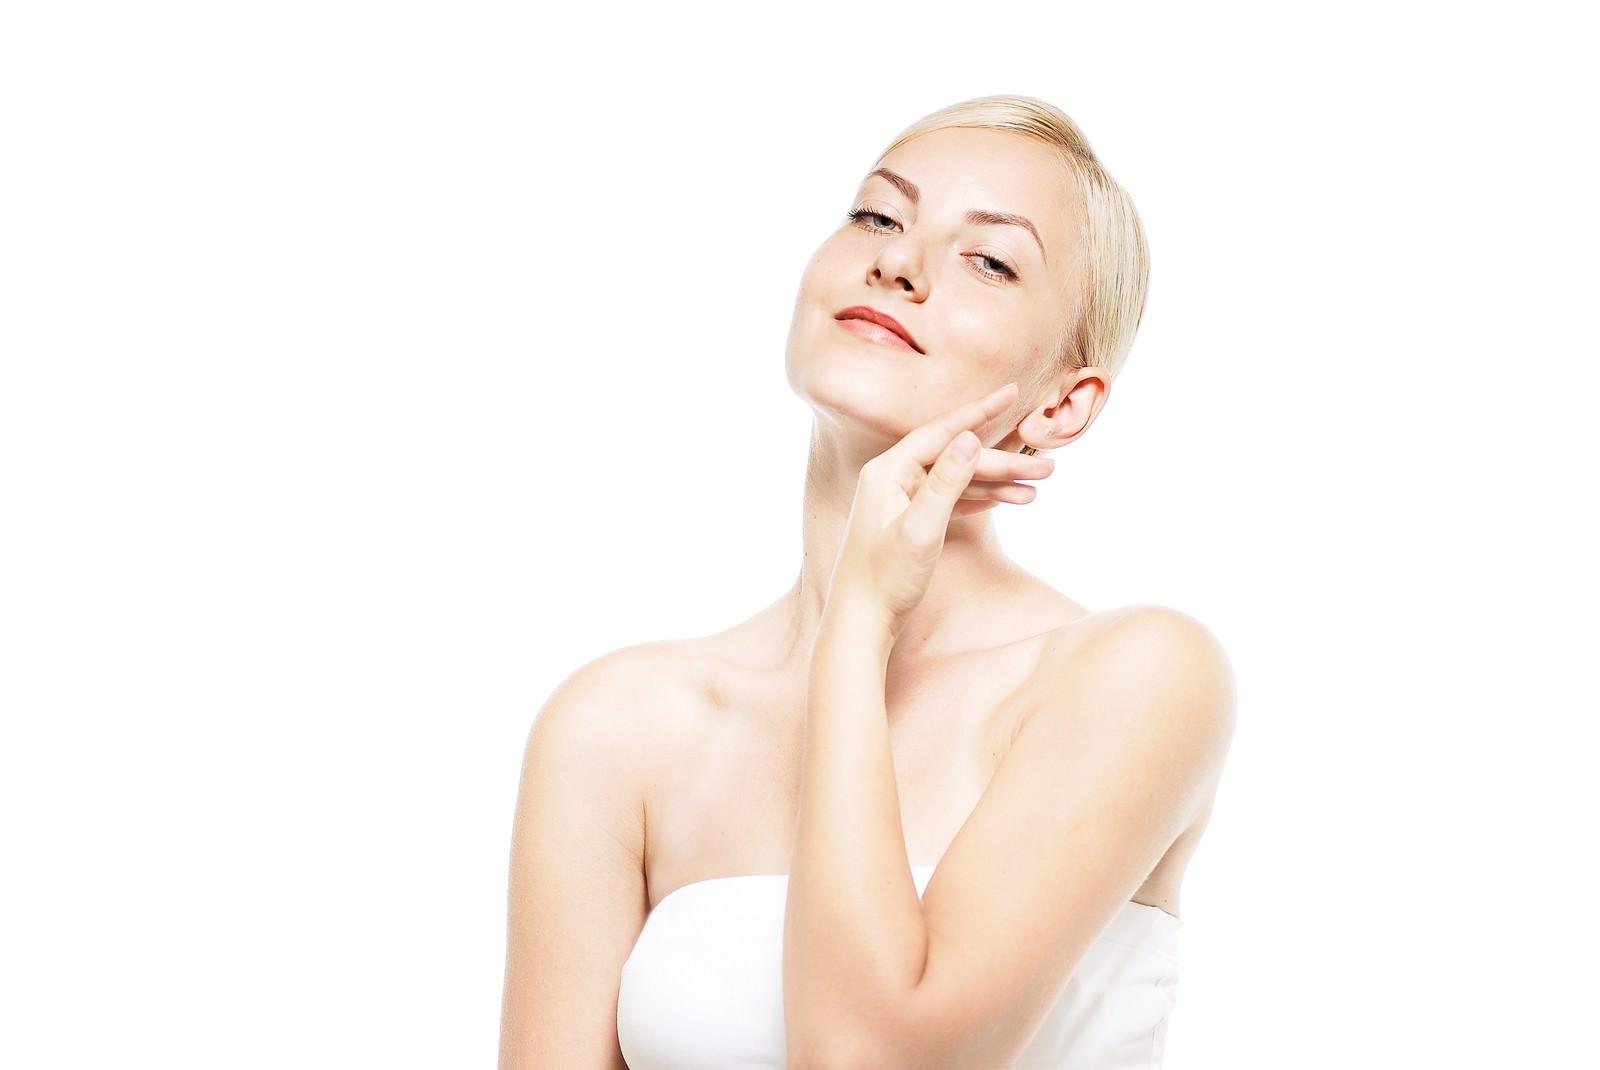 「透き通る肌を強調する女性(美容・エステ)」の写真[モデル:モデルファクトリー]